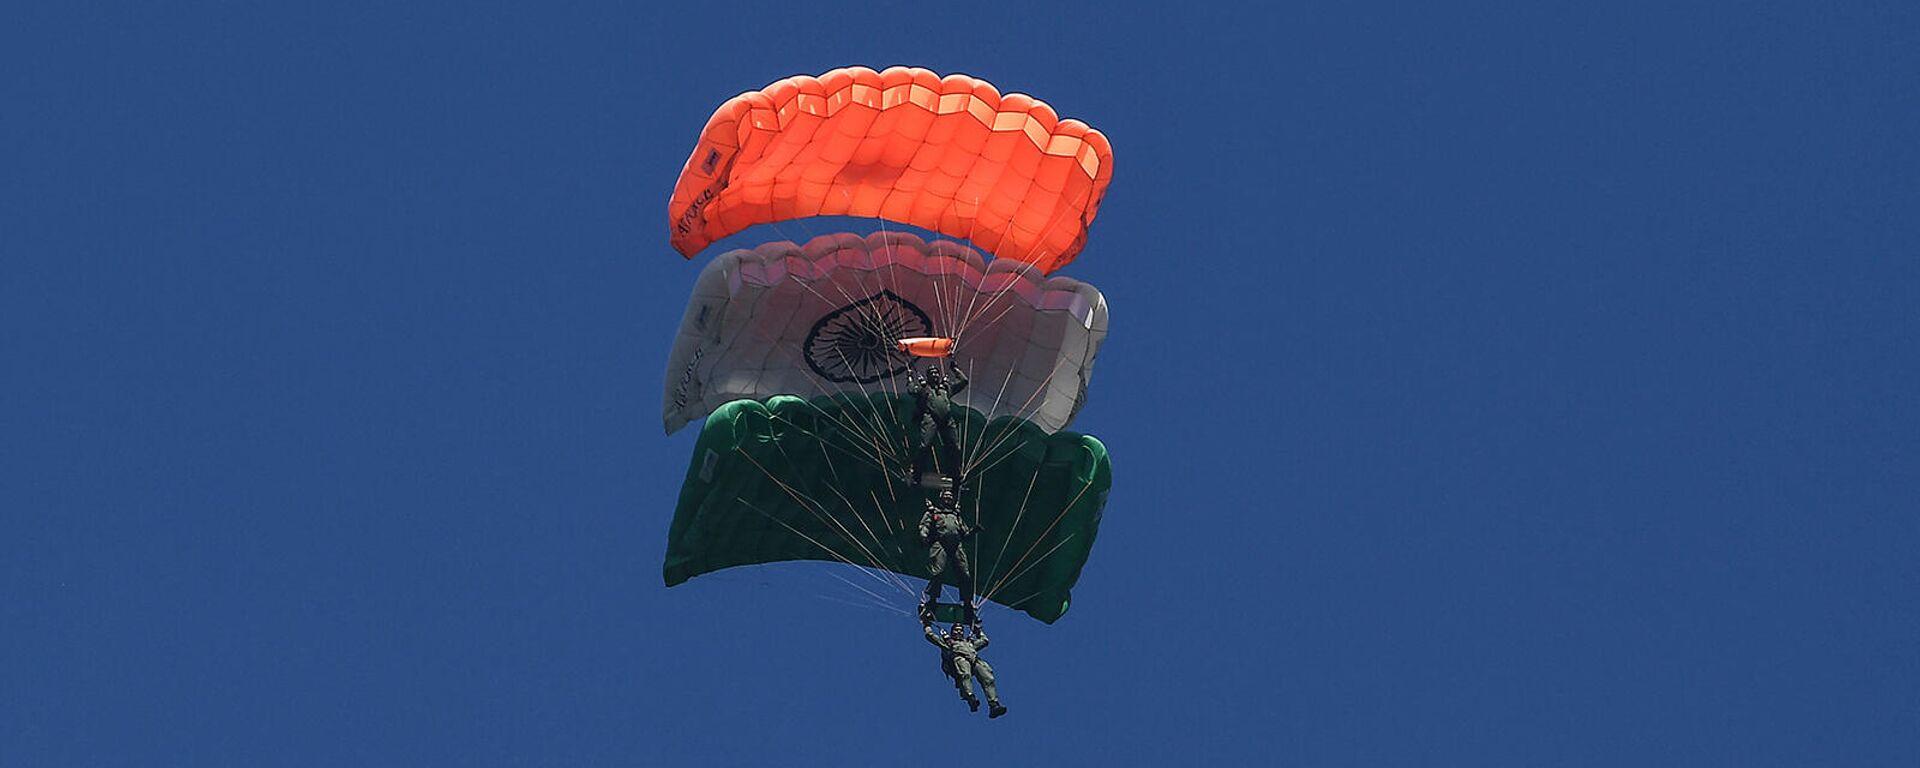 Десантники ВВС Индии во время авиашоу в Сринагаре - Sputnik Армения, 1920, 11.10.2021